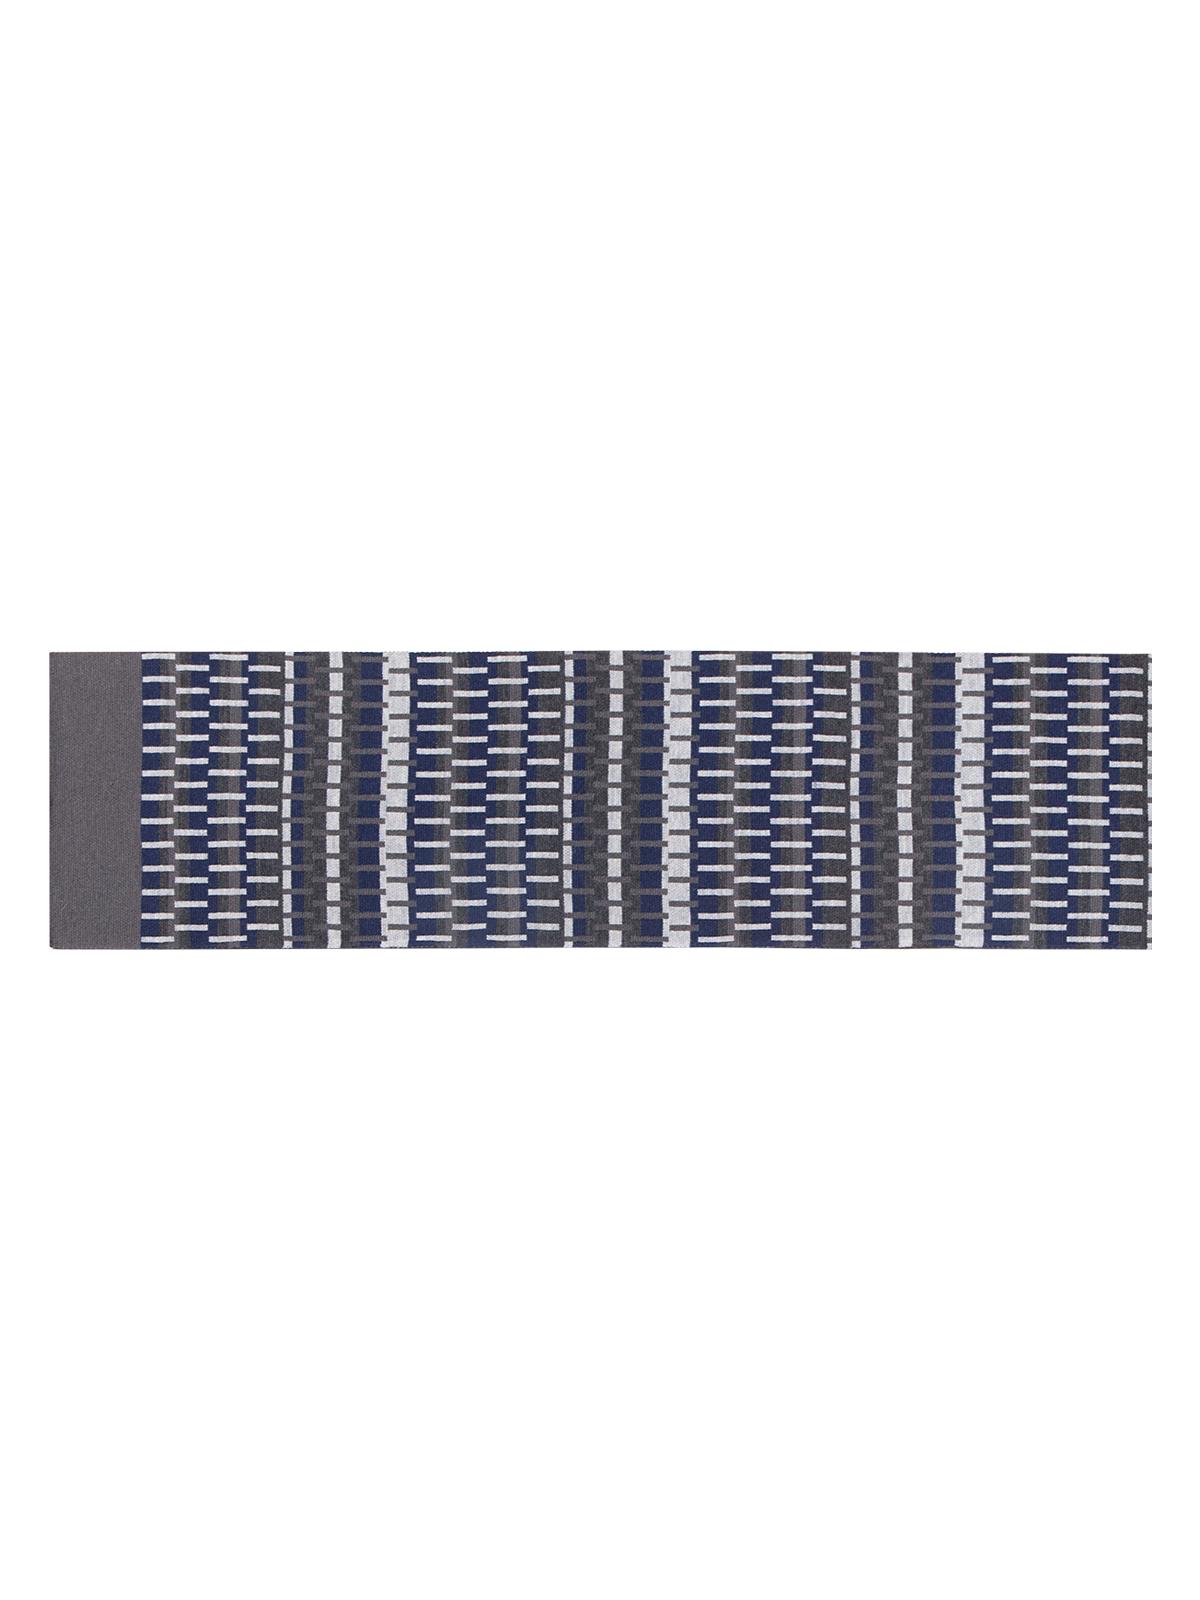 Шарф мужской Eleganzza, цвет: серый, темно-синий. JG43-7614. Размер 30 см х 180 смJG43-7614Элегантный мужской шарф Eleganzza согреет вас в холодное время года, а также станет изысканным аксессуаром, который призван подчеркнуть ваш стиль и индивидуальность. Оригинальный и стильный шарф выполнен из сочетания высококачественных материалов шерстии шелка, оформлен контрастным принтом.